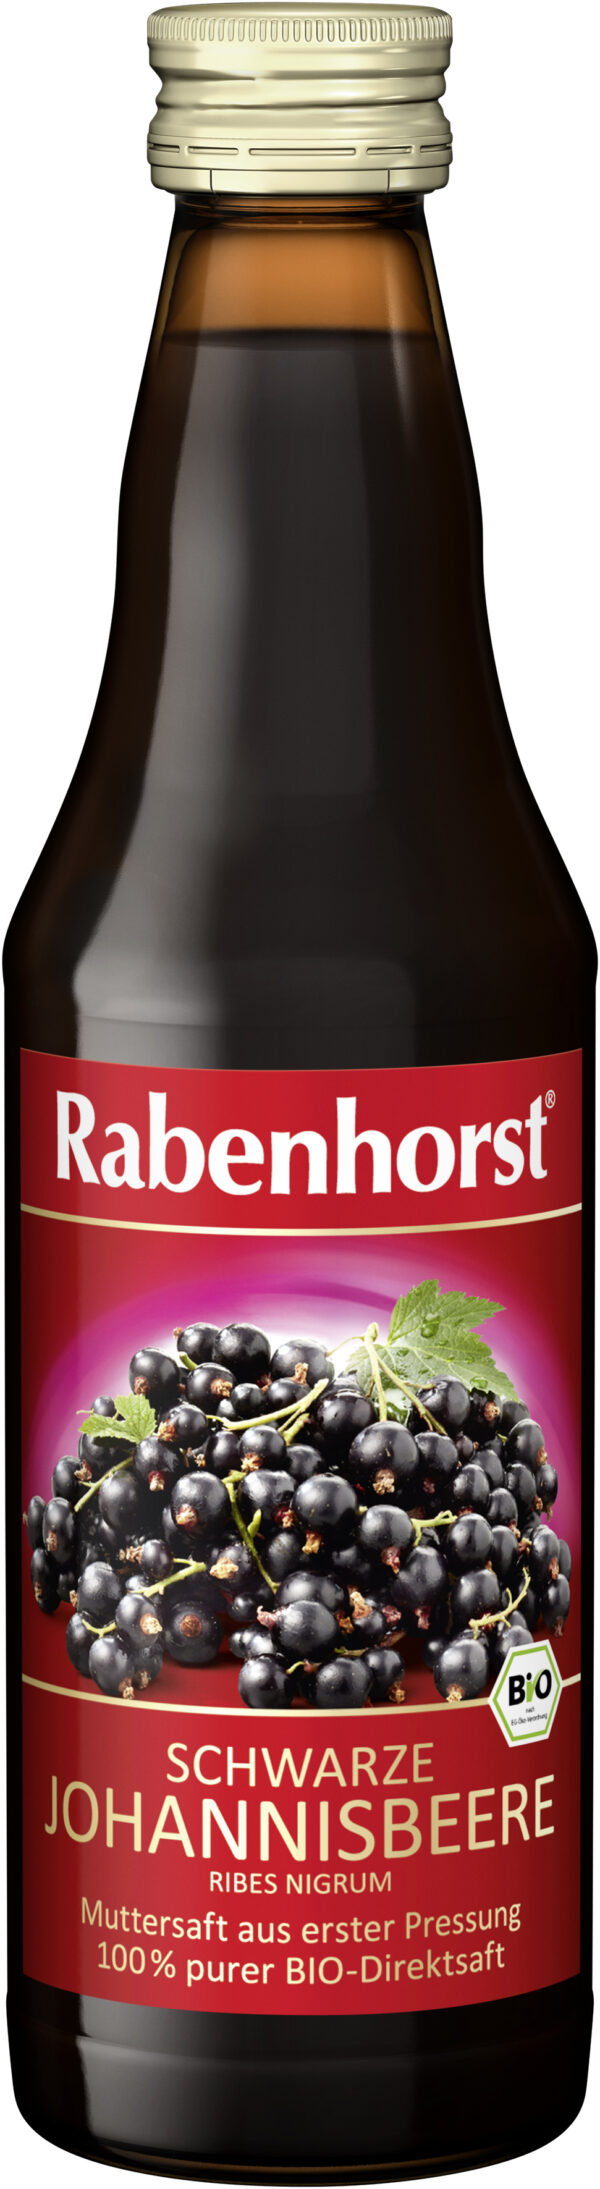 Rabenhorst Schwarzer Johannisbeer Muttersaft BIO 6x330ml